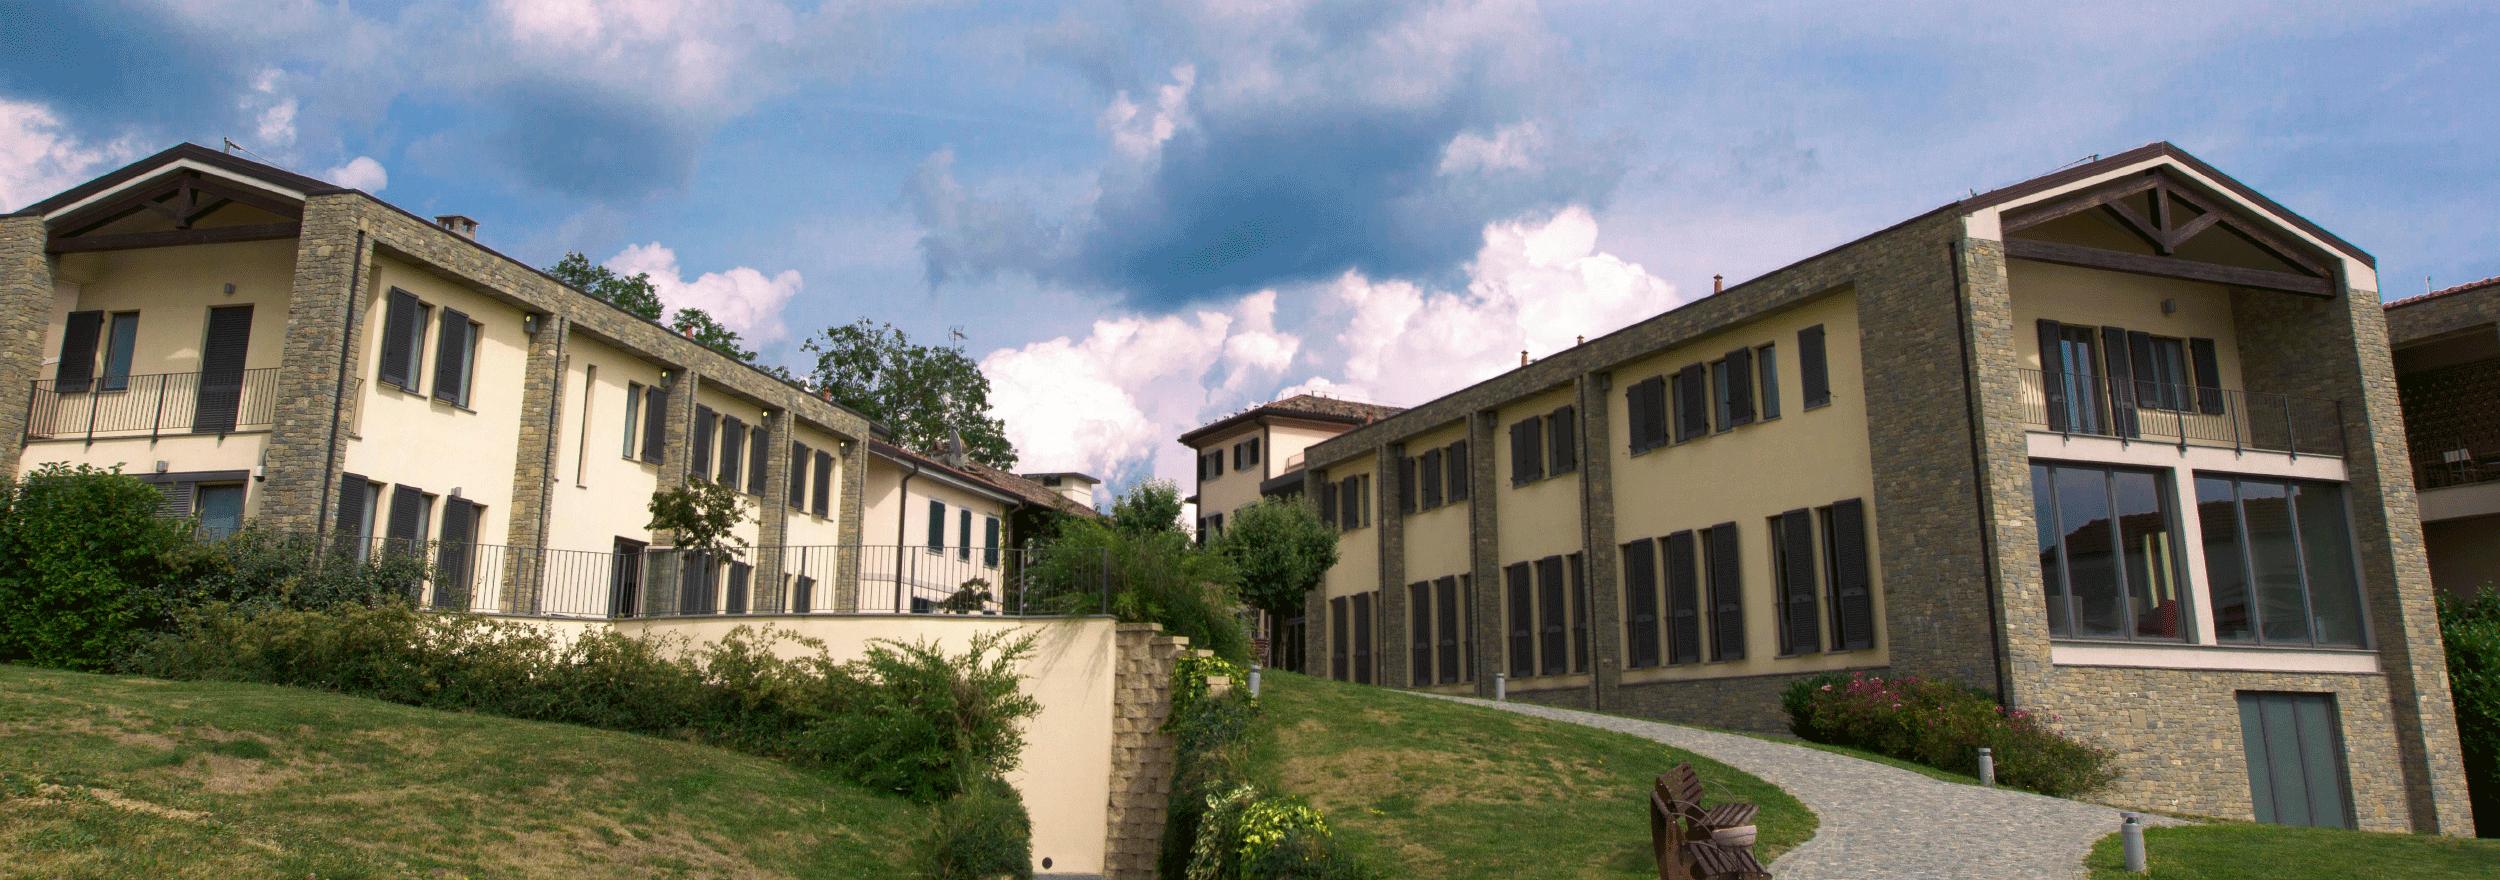 Castellania2